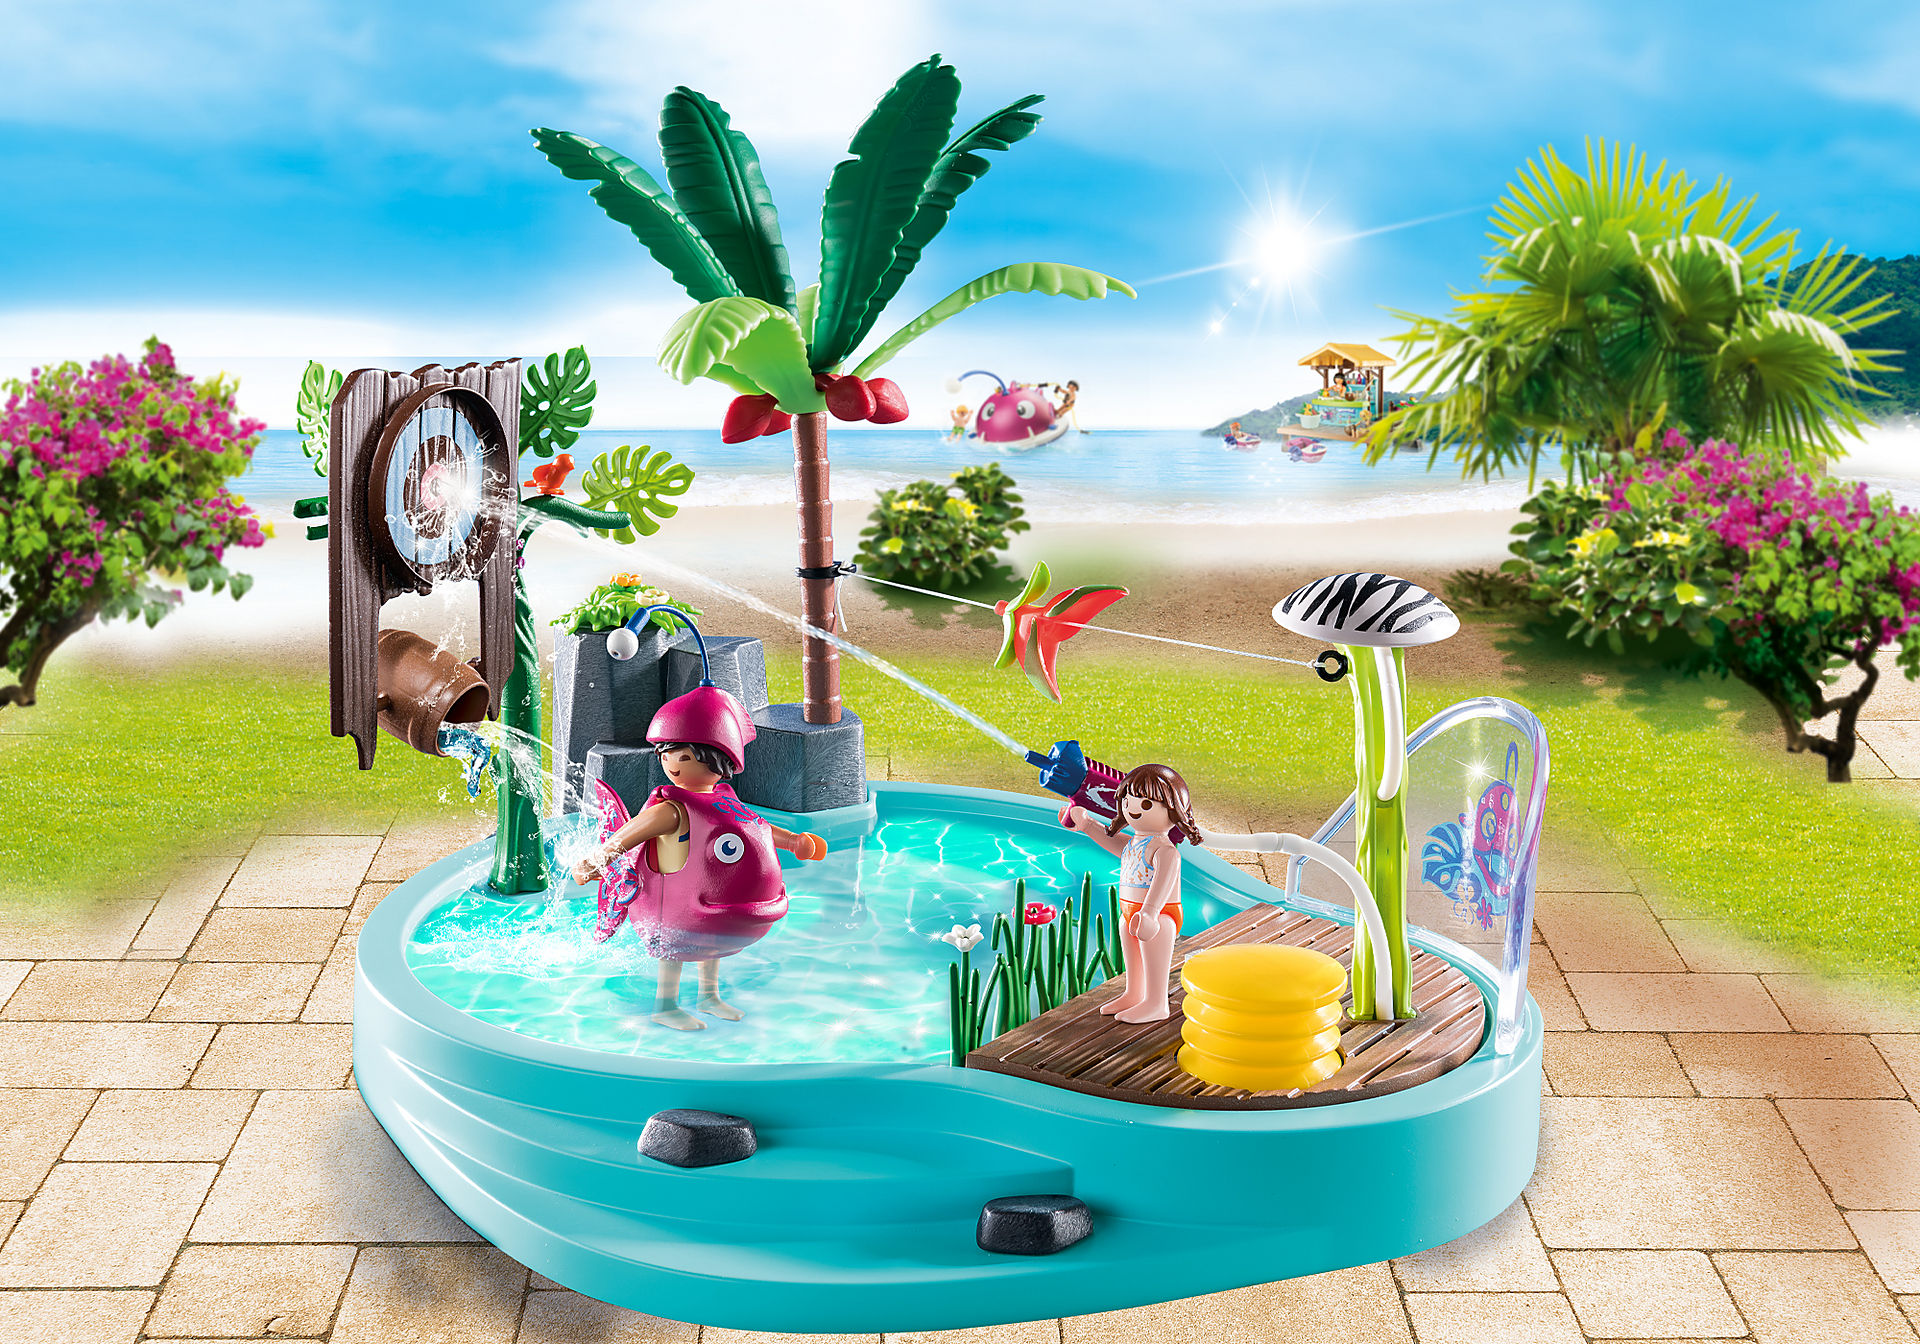 70610 Spaßbecken mit Wasserspritze zoom image1